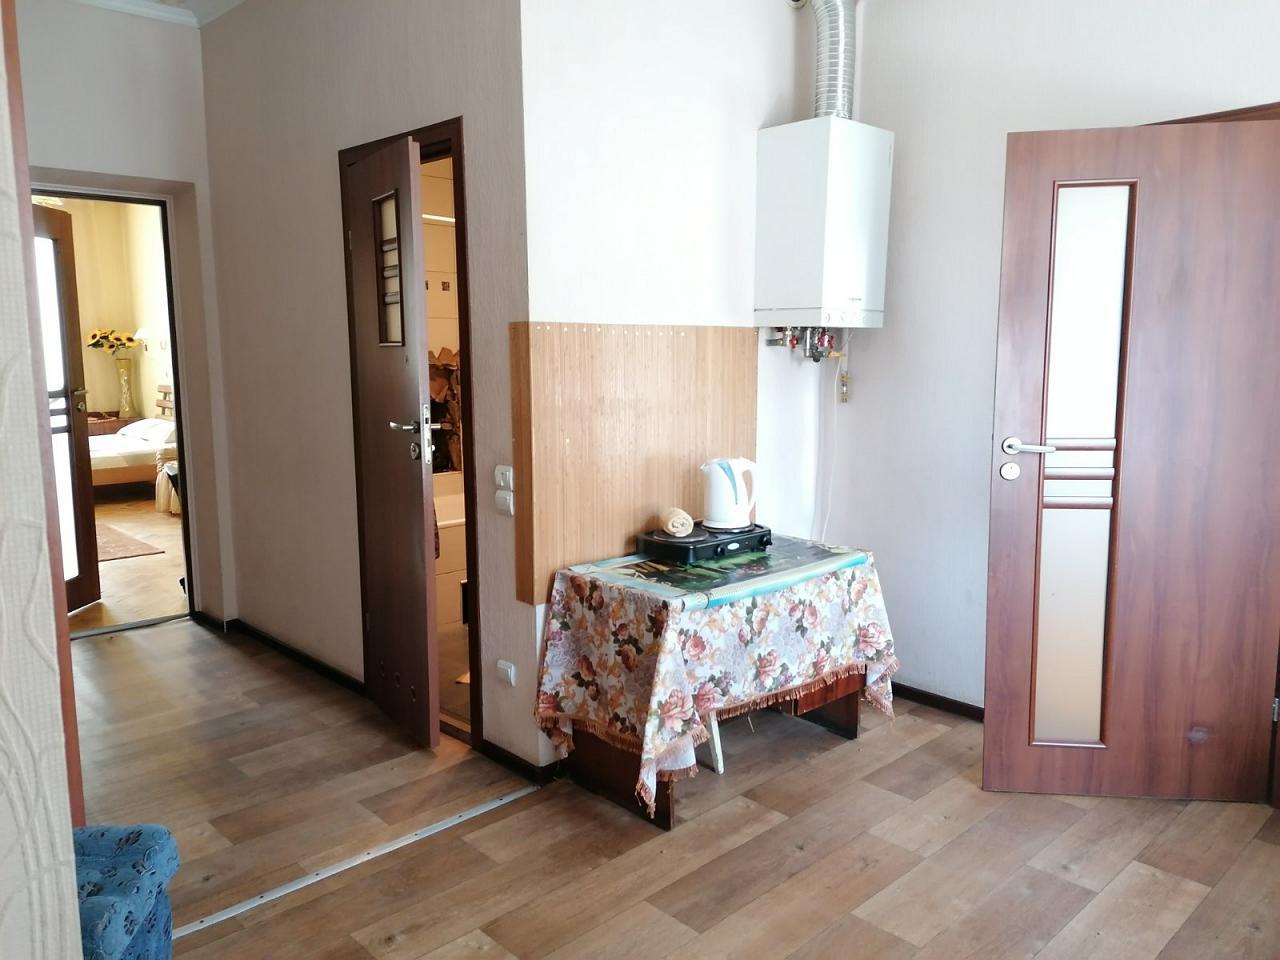 2-pokojowe mieszkanie dobowe, Lwów, ul. Piotra Doroszenki, 25 (3)